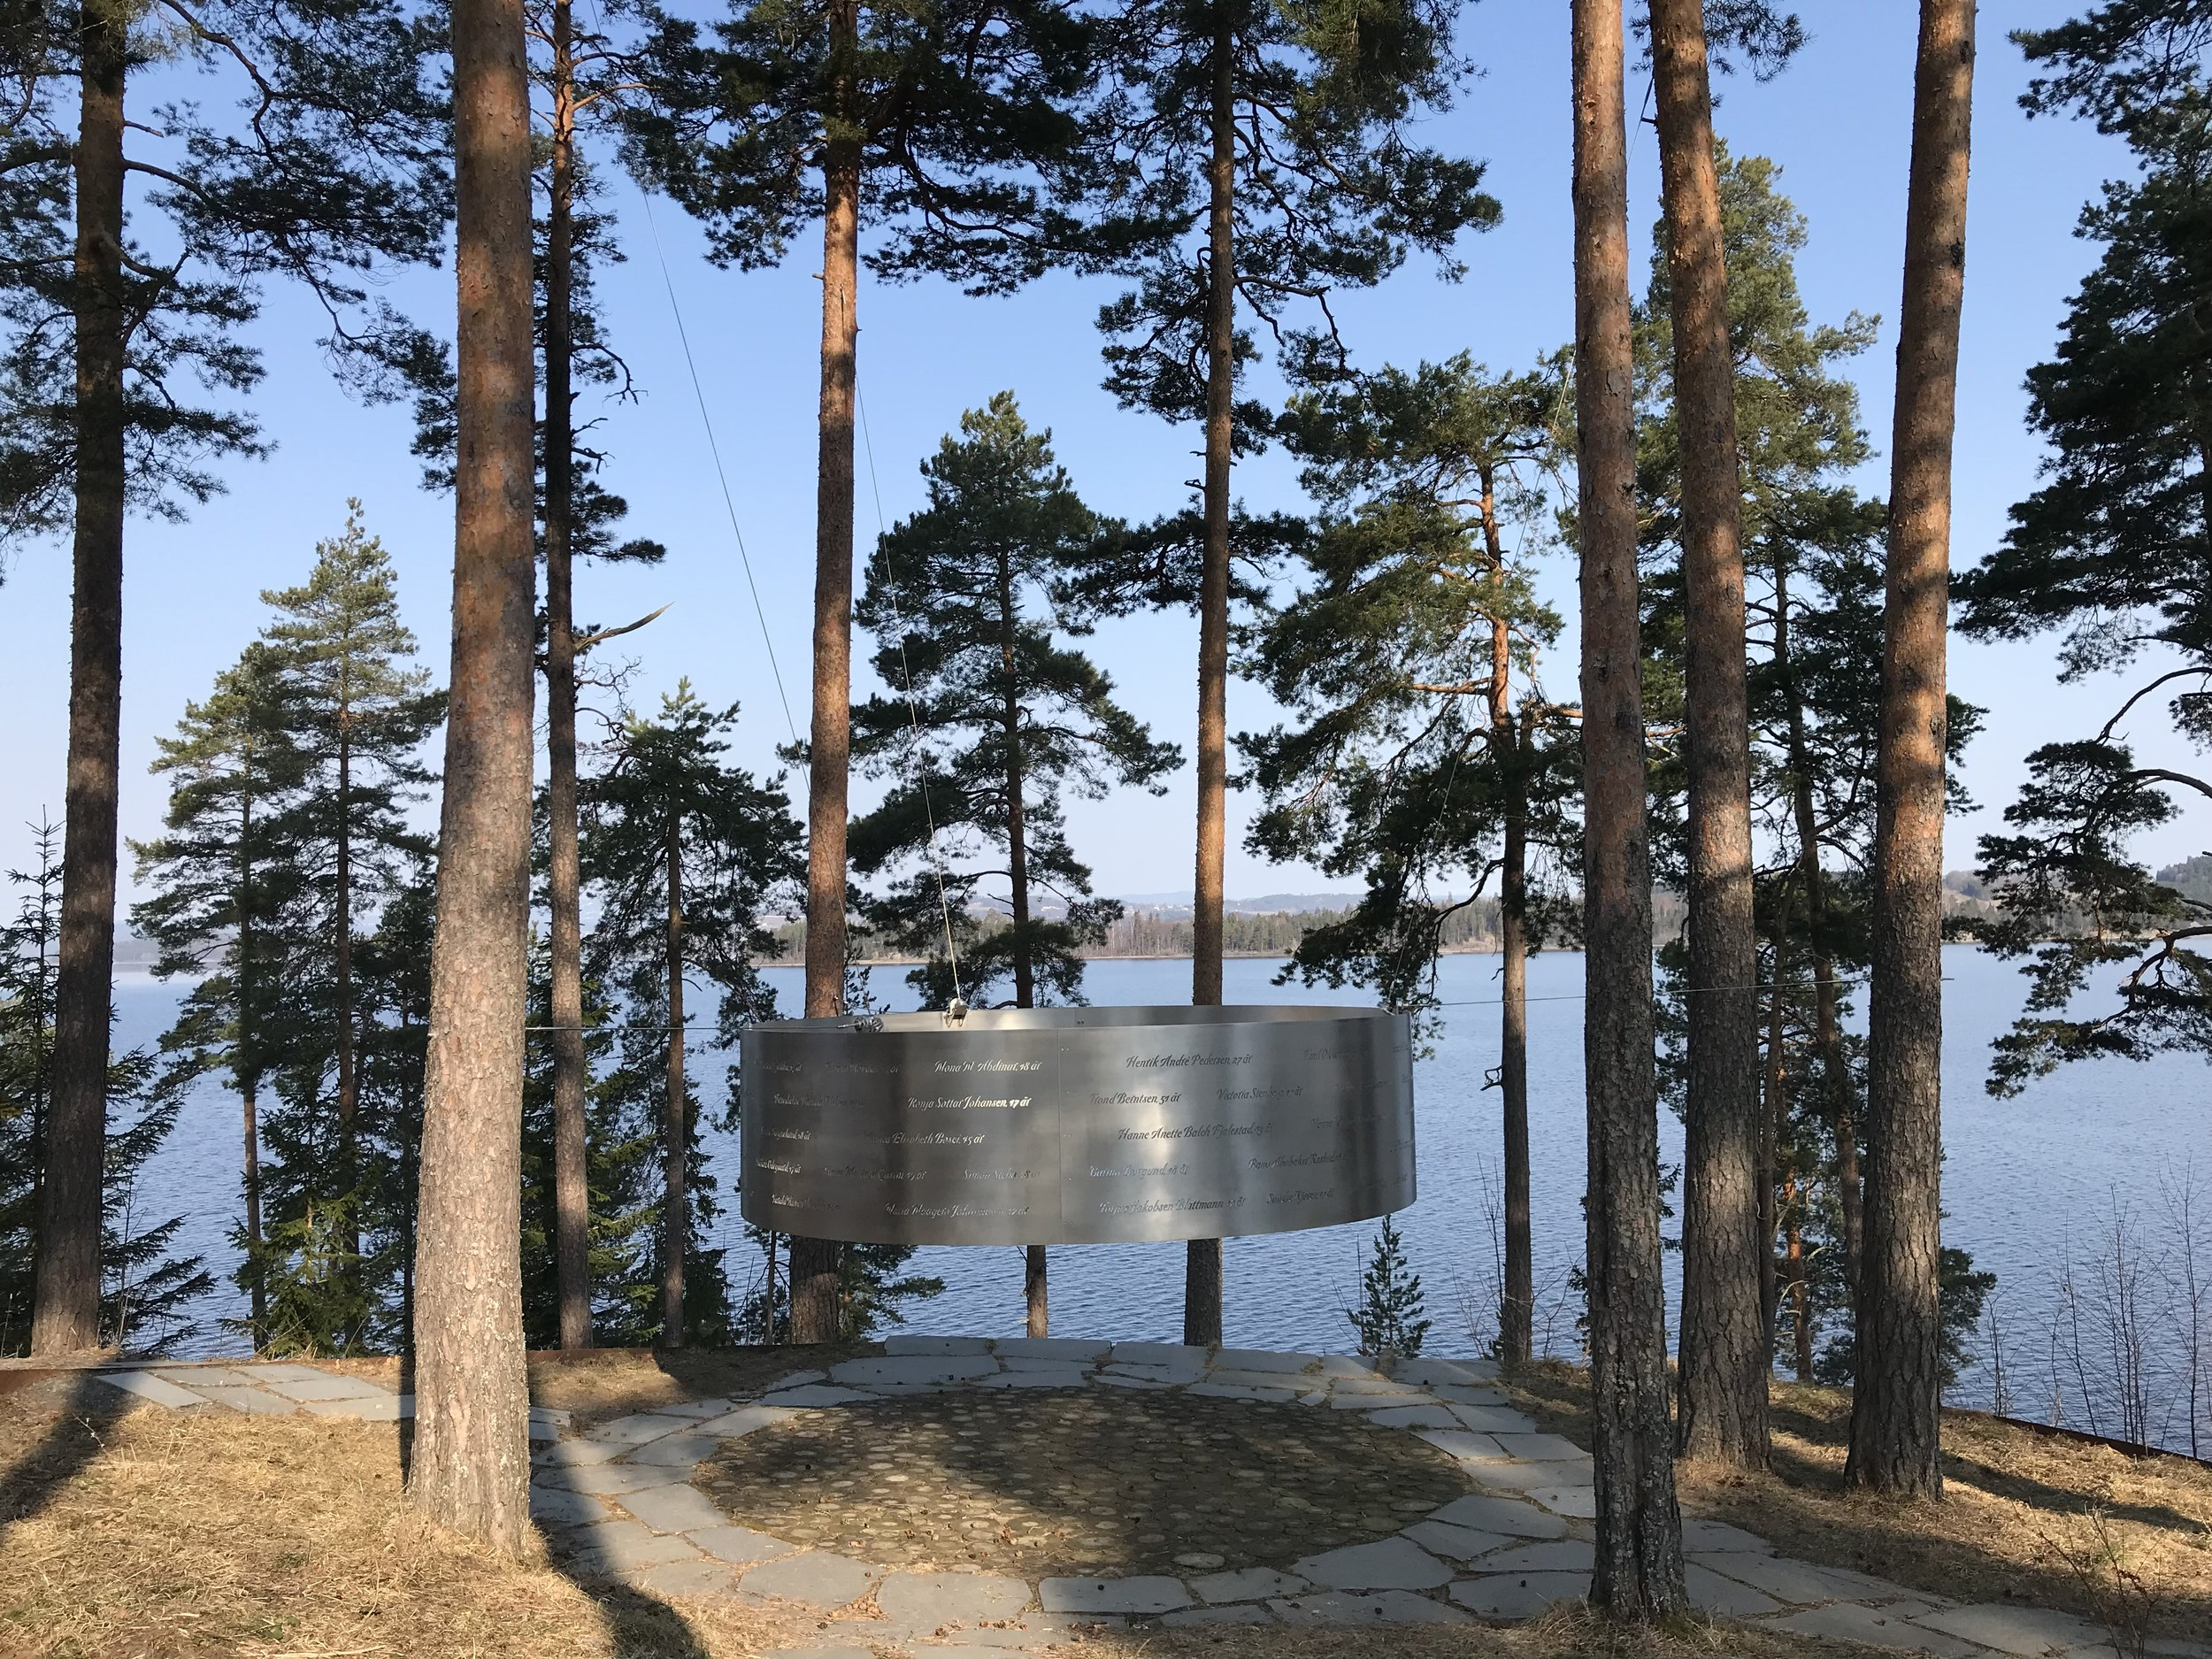 Minnestedet er på en høyde på nordsiden av øya: en stor, samlende metallsirkel, med navnene på alle de som omkom.